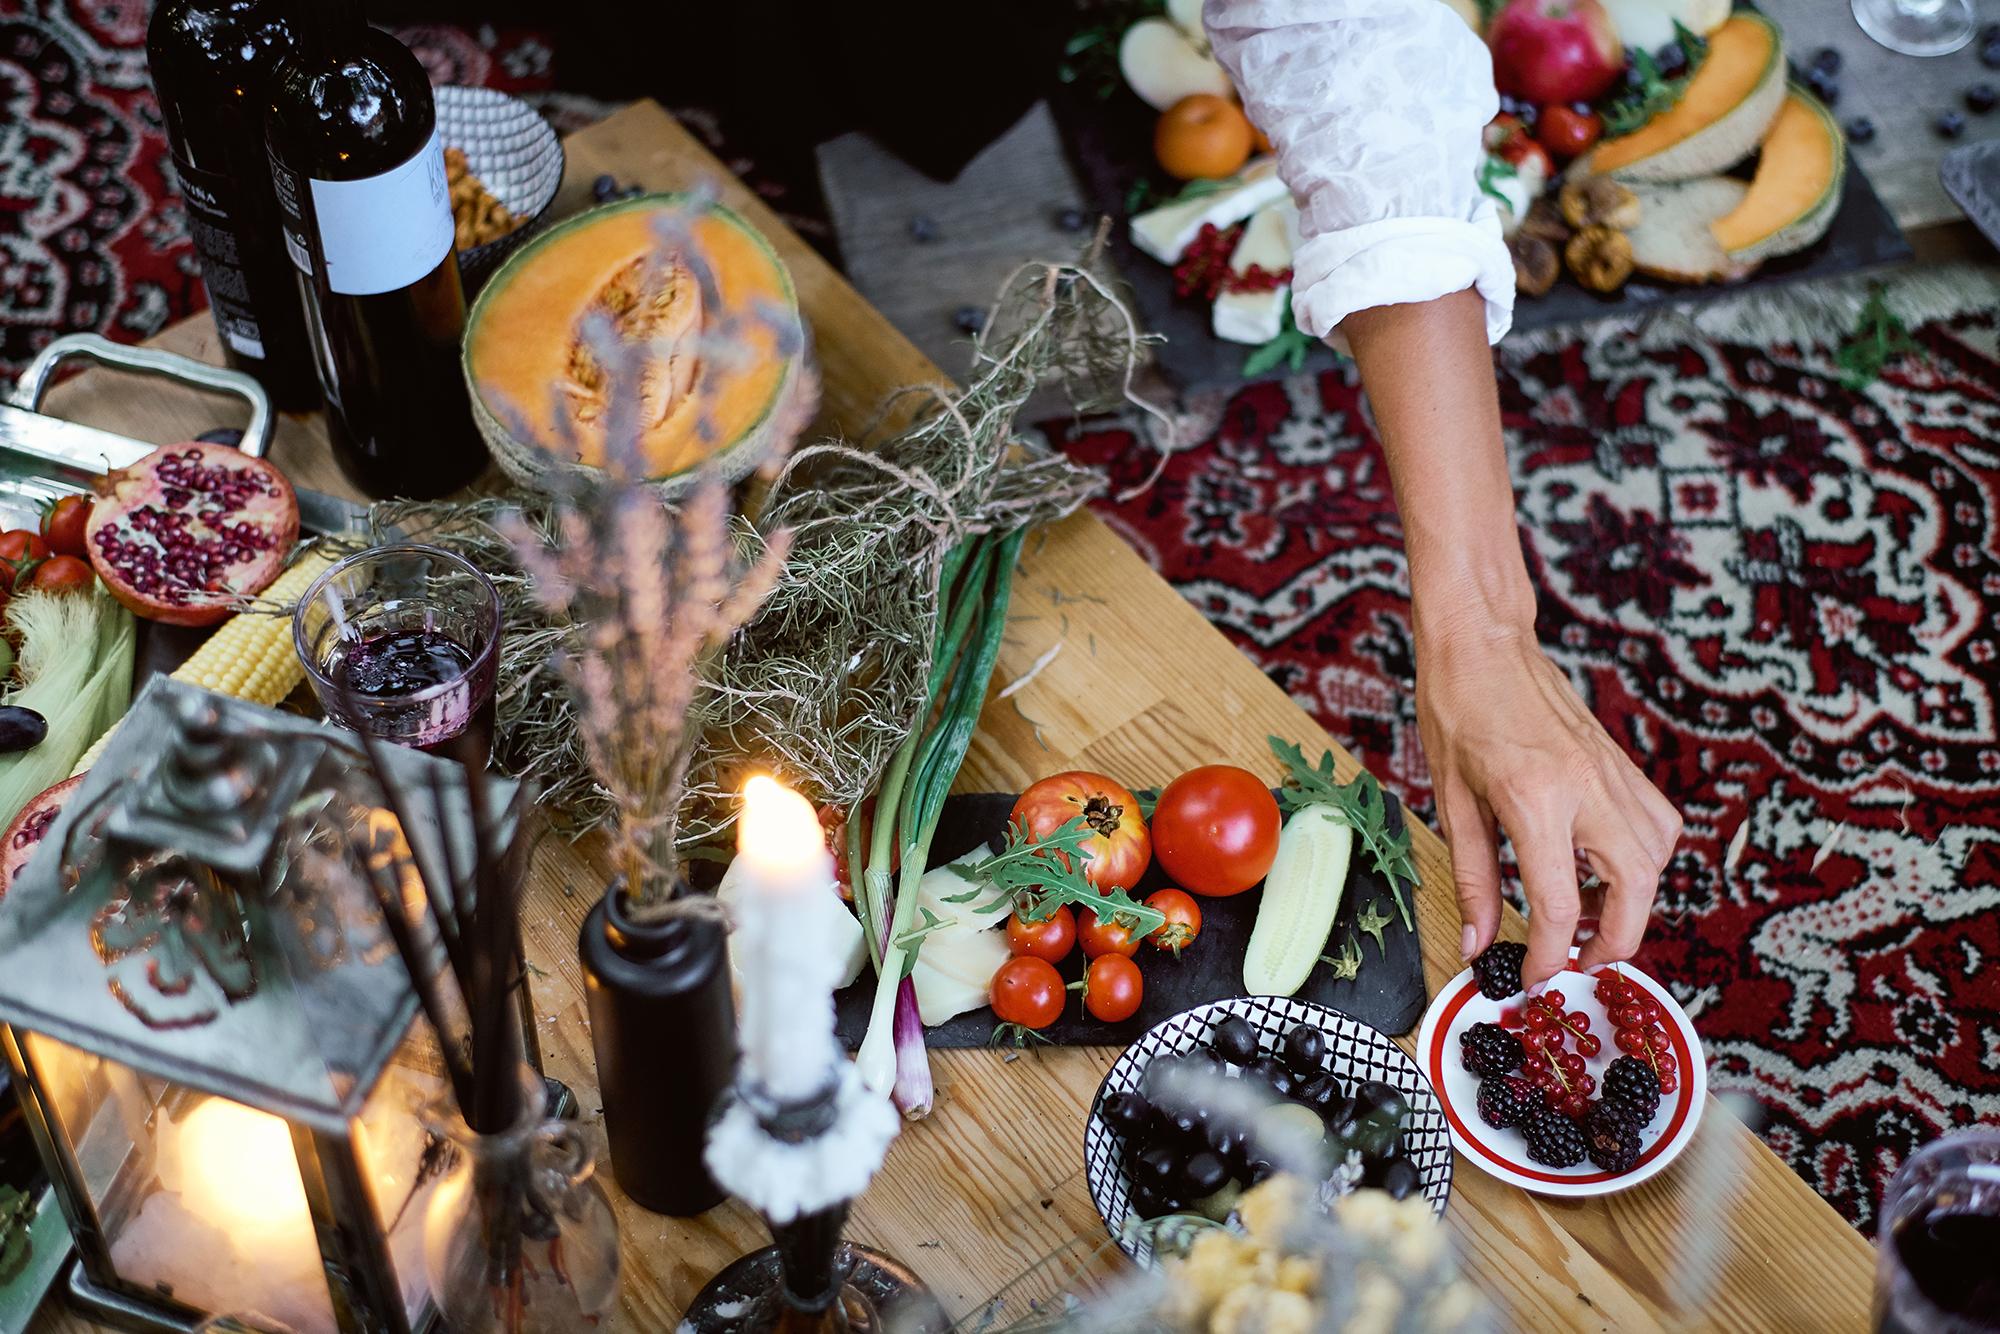 Zanimljiva gastro-ponuda sastoji se isključivo od prirodnih i sezonskih namirnica domaćih OPG-ova!